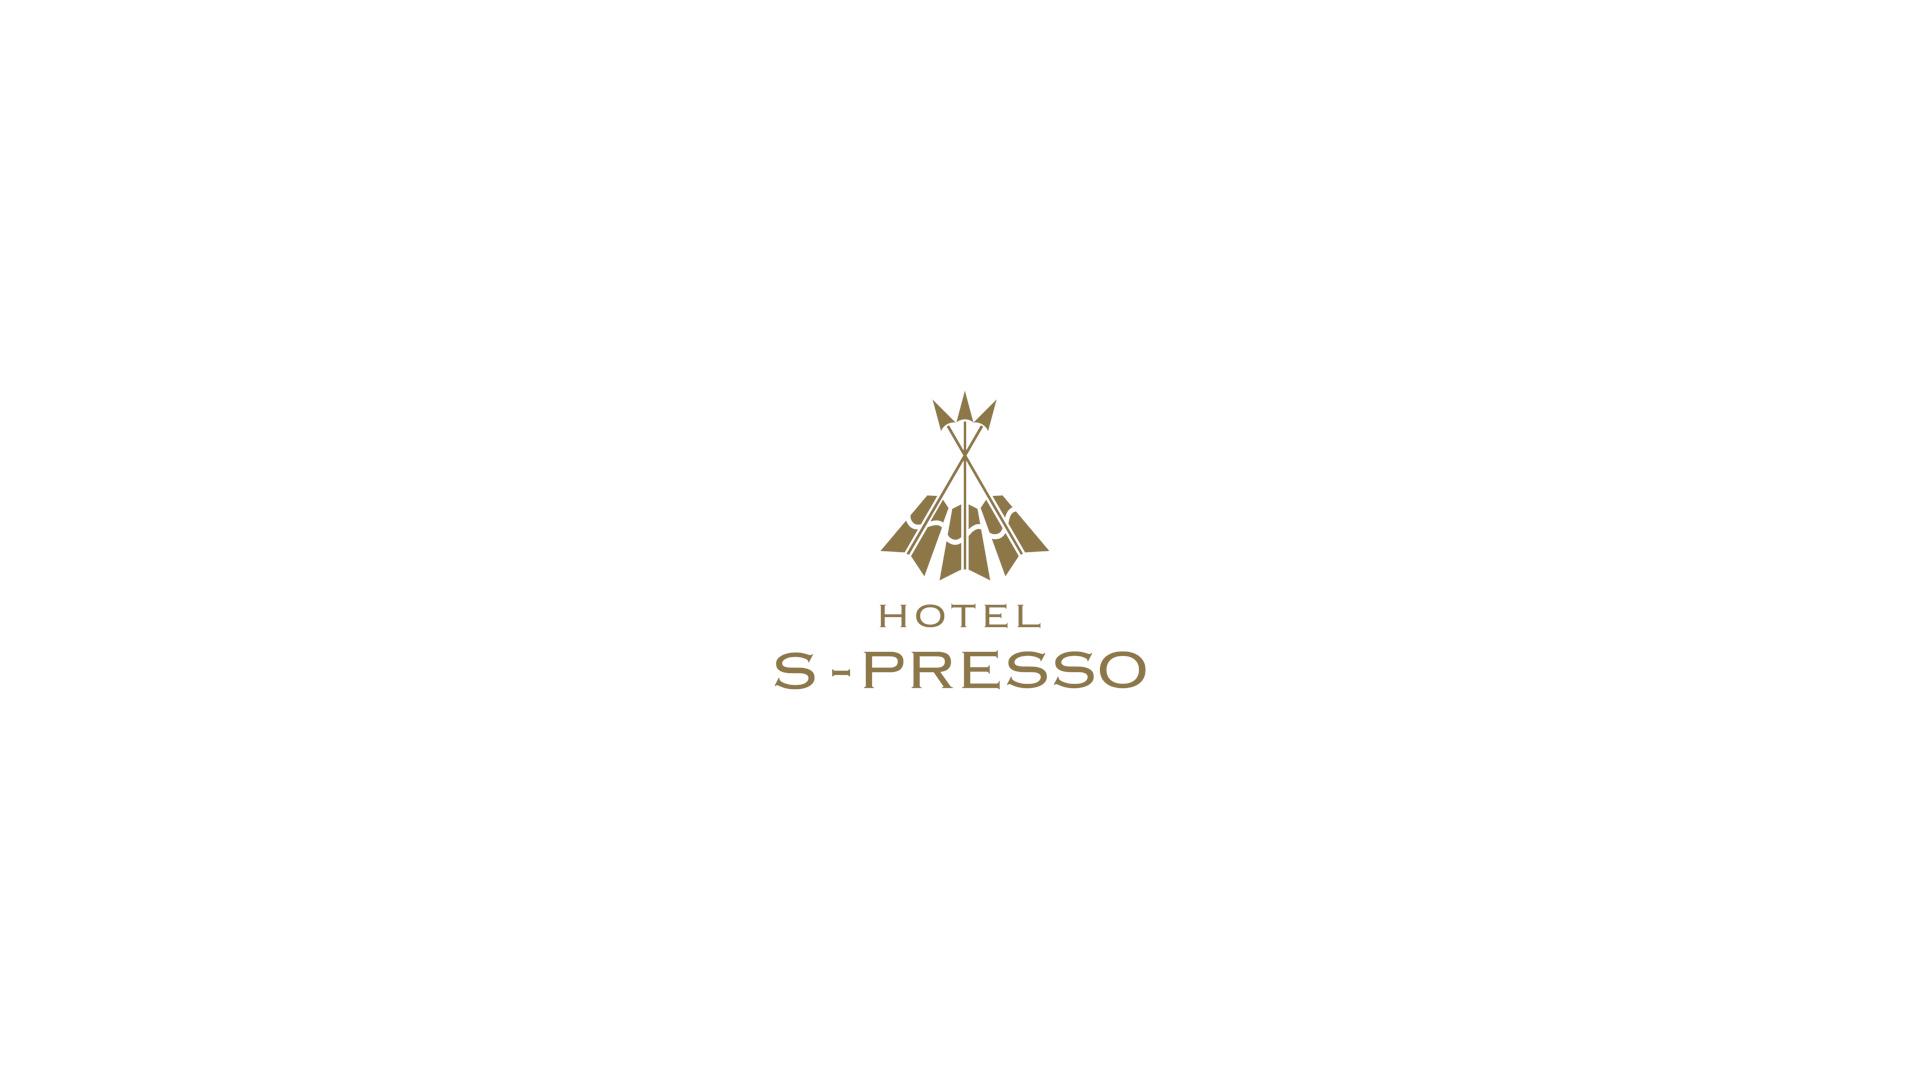 大阪難波のホテル S-PRESSO